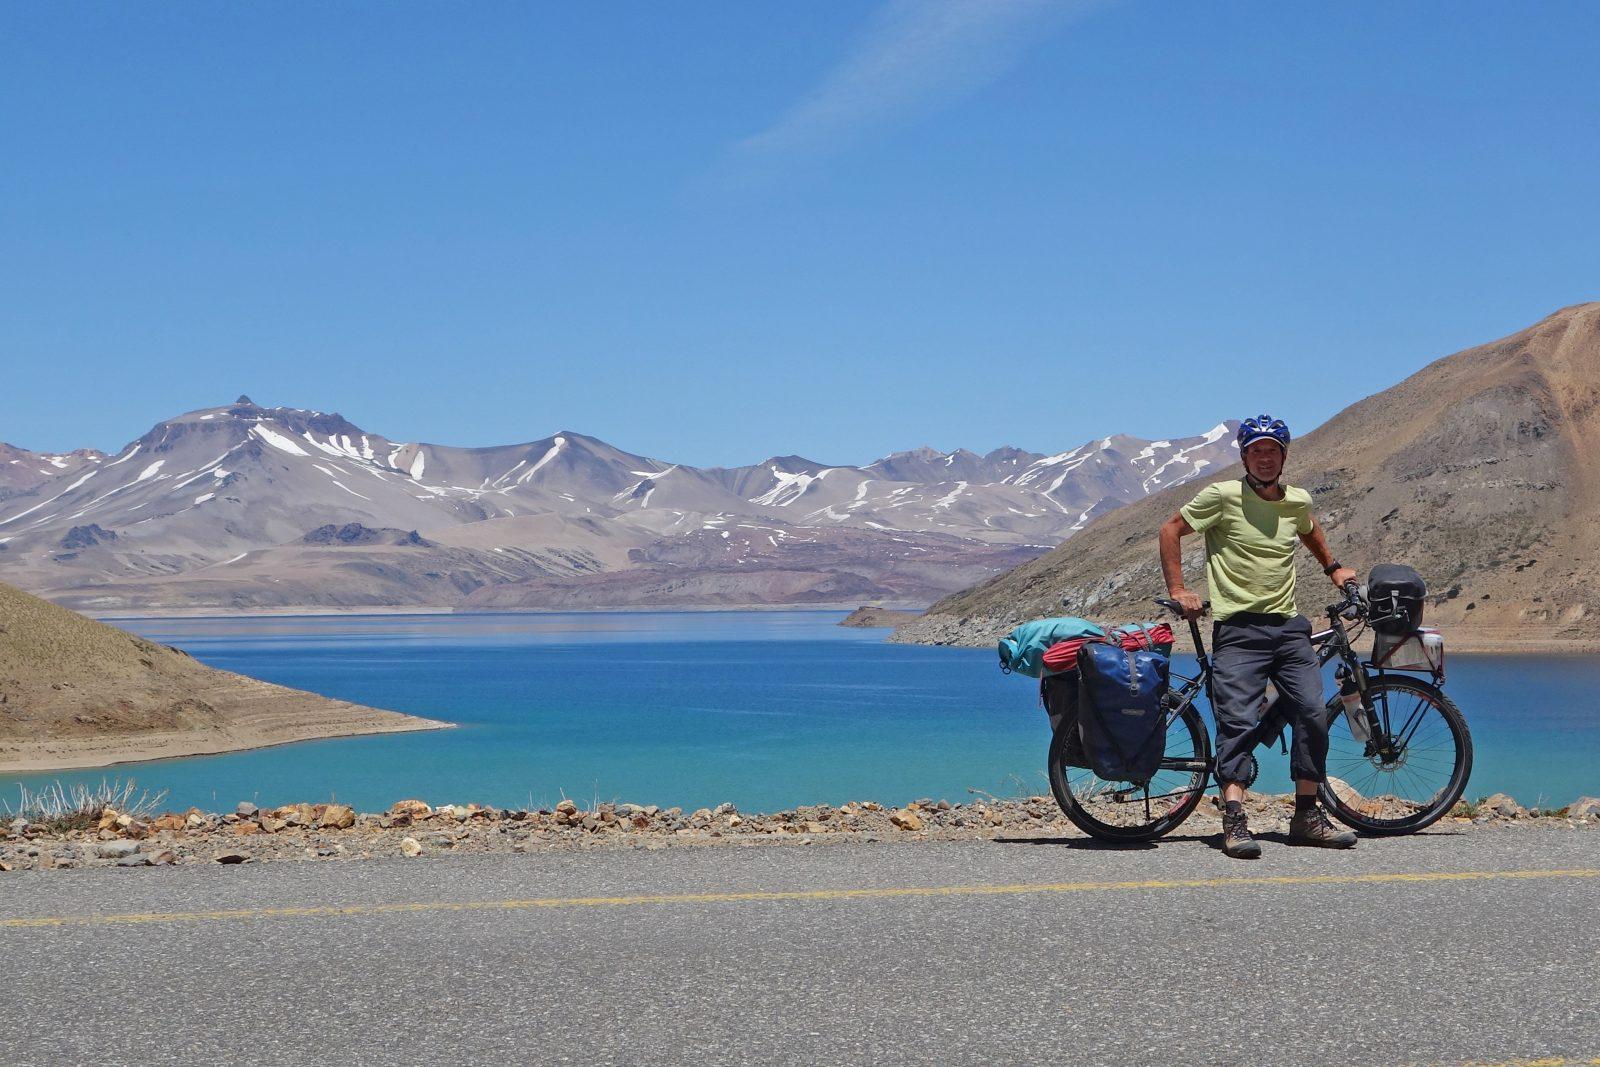 Radreise Südamerika 2019 - Laguna del Maule